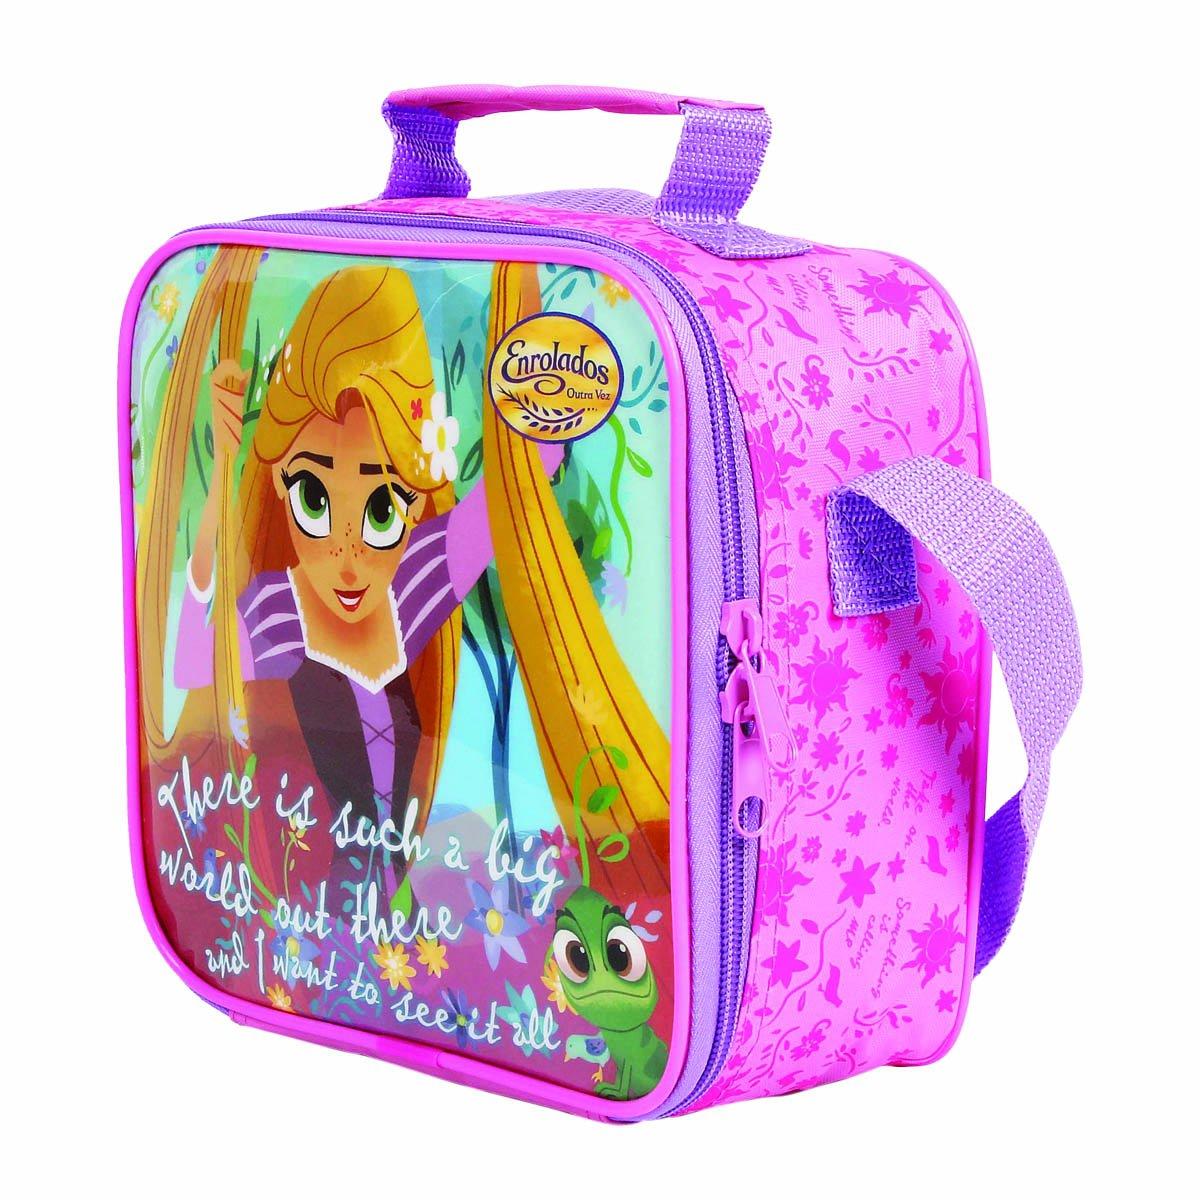 Lancheira Térmica Rapunzel Enrolados Outra Vez | Cor: Rosa/Lilás